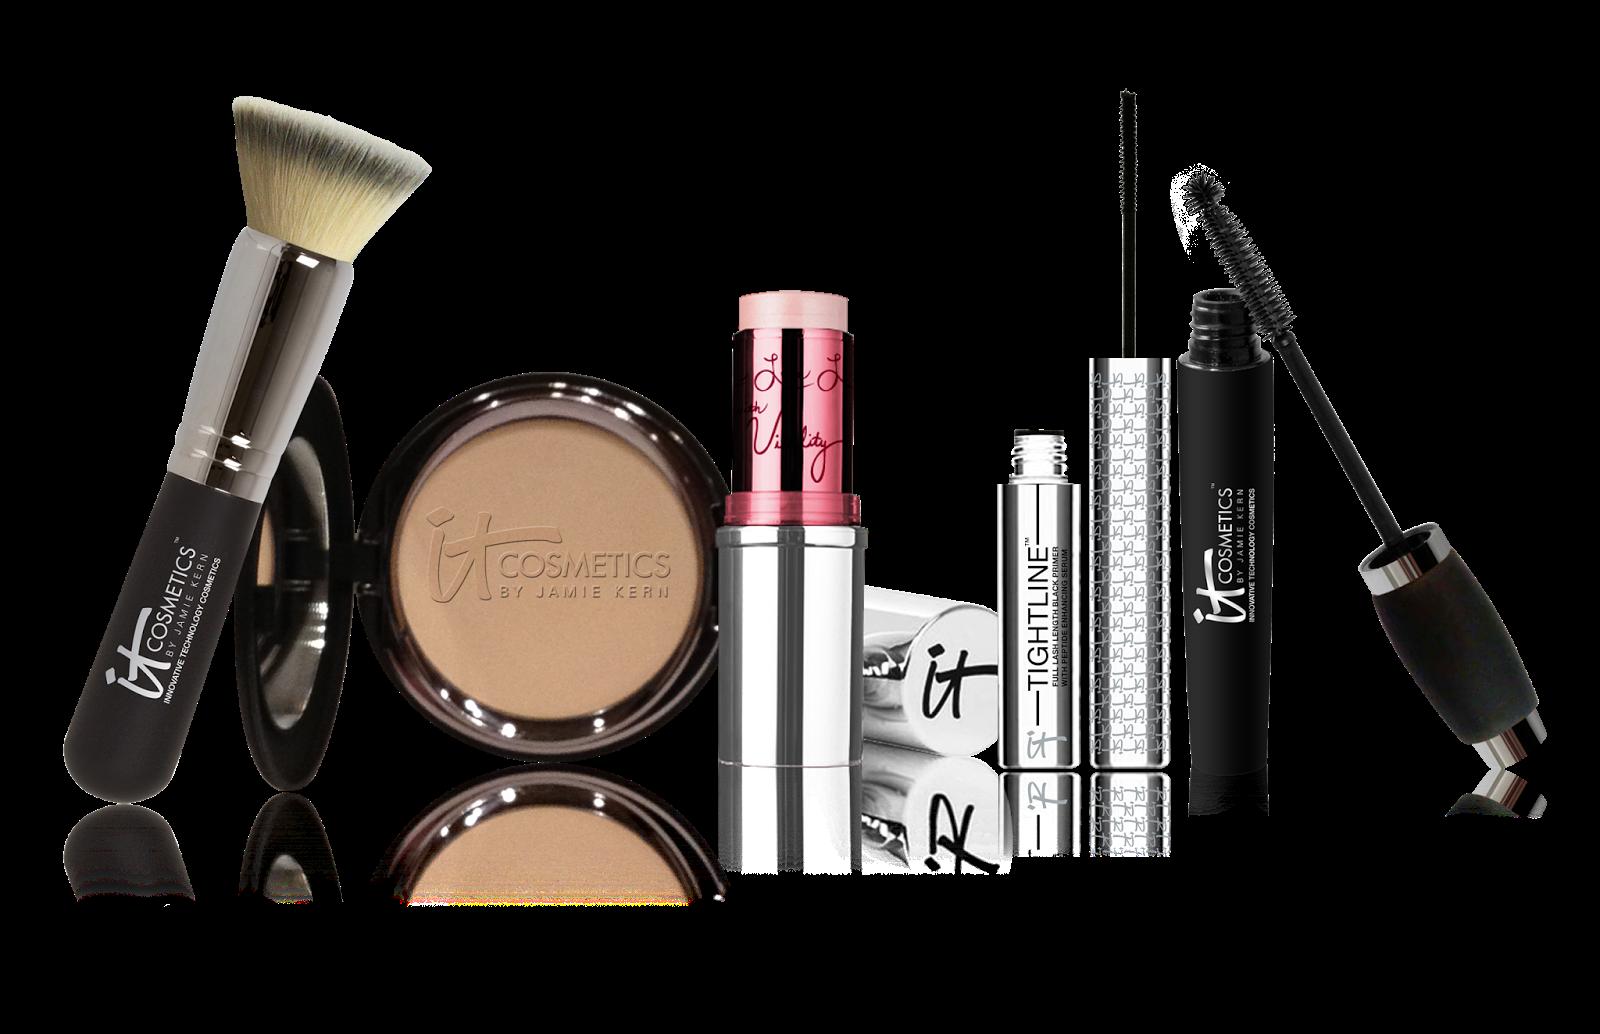 Jak długo żyją nasze kosmetyki?